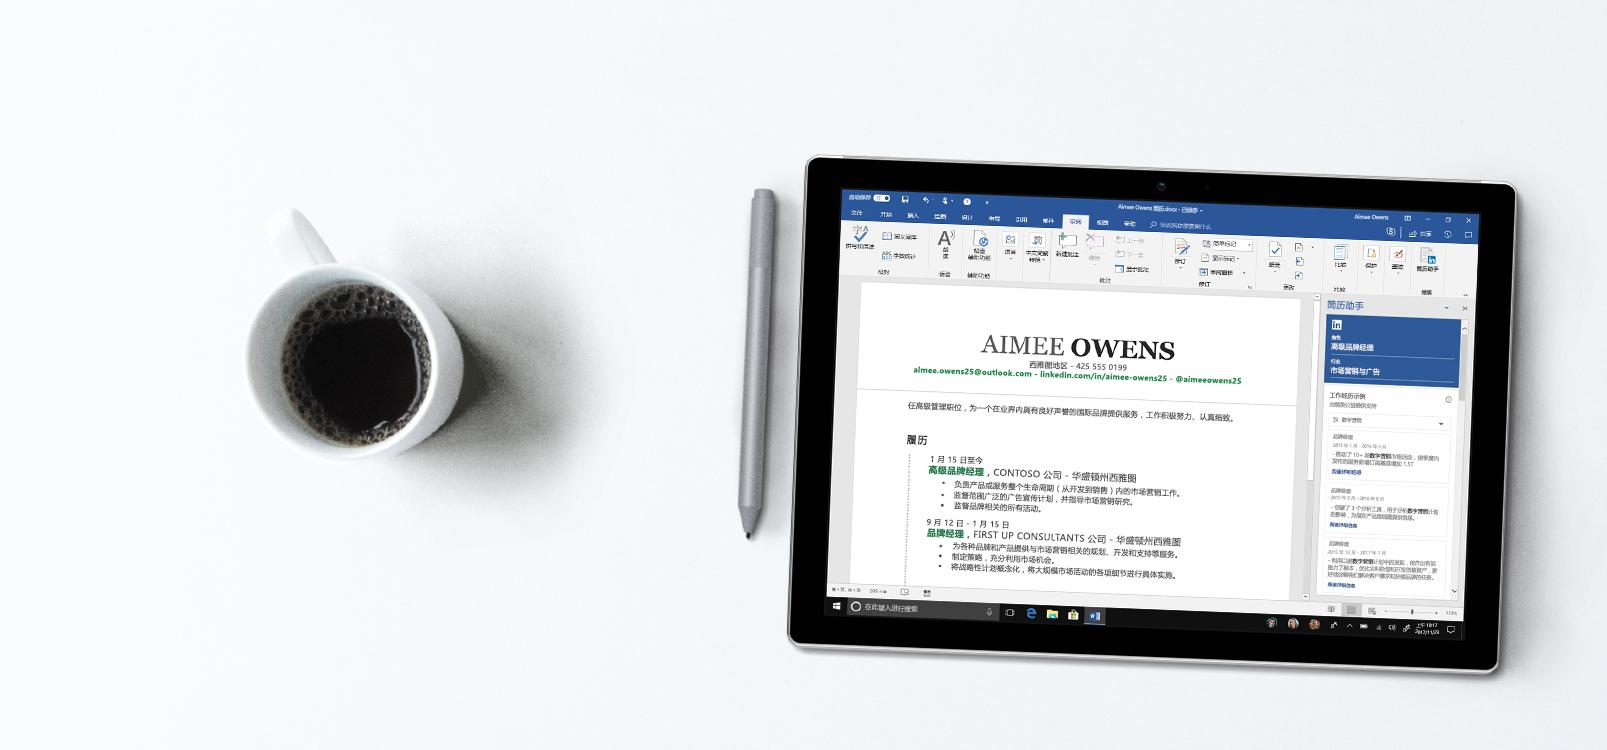 """平板电脑屏幕,显示了 Word,其中右侧有""""简历助手""""和简历示例"""